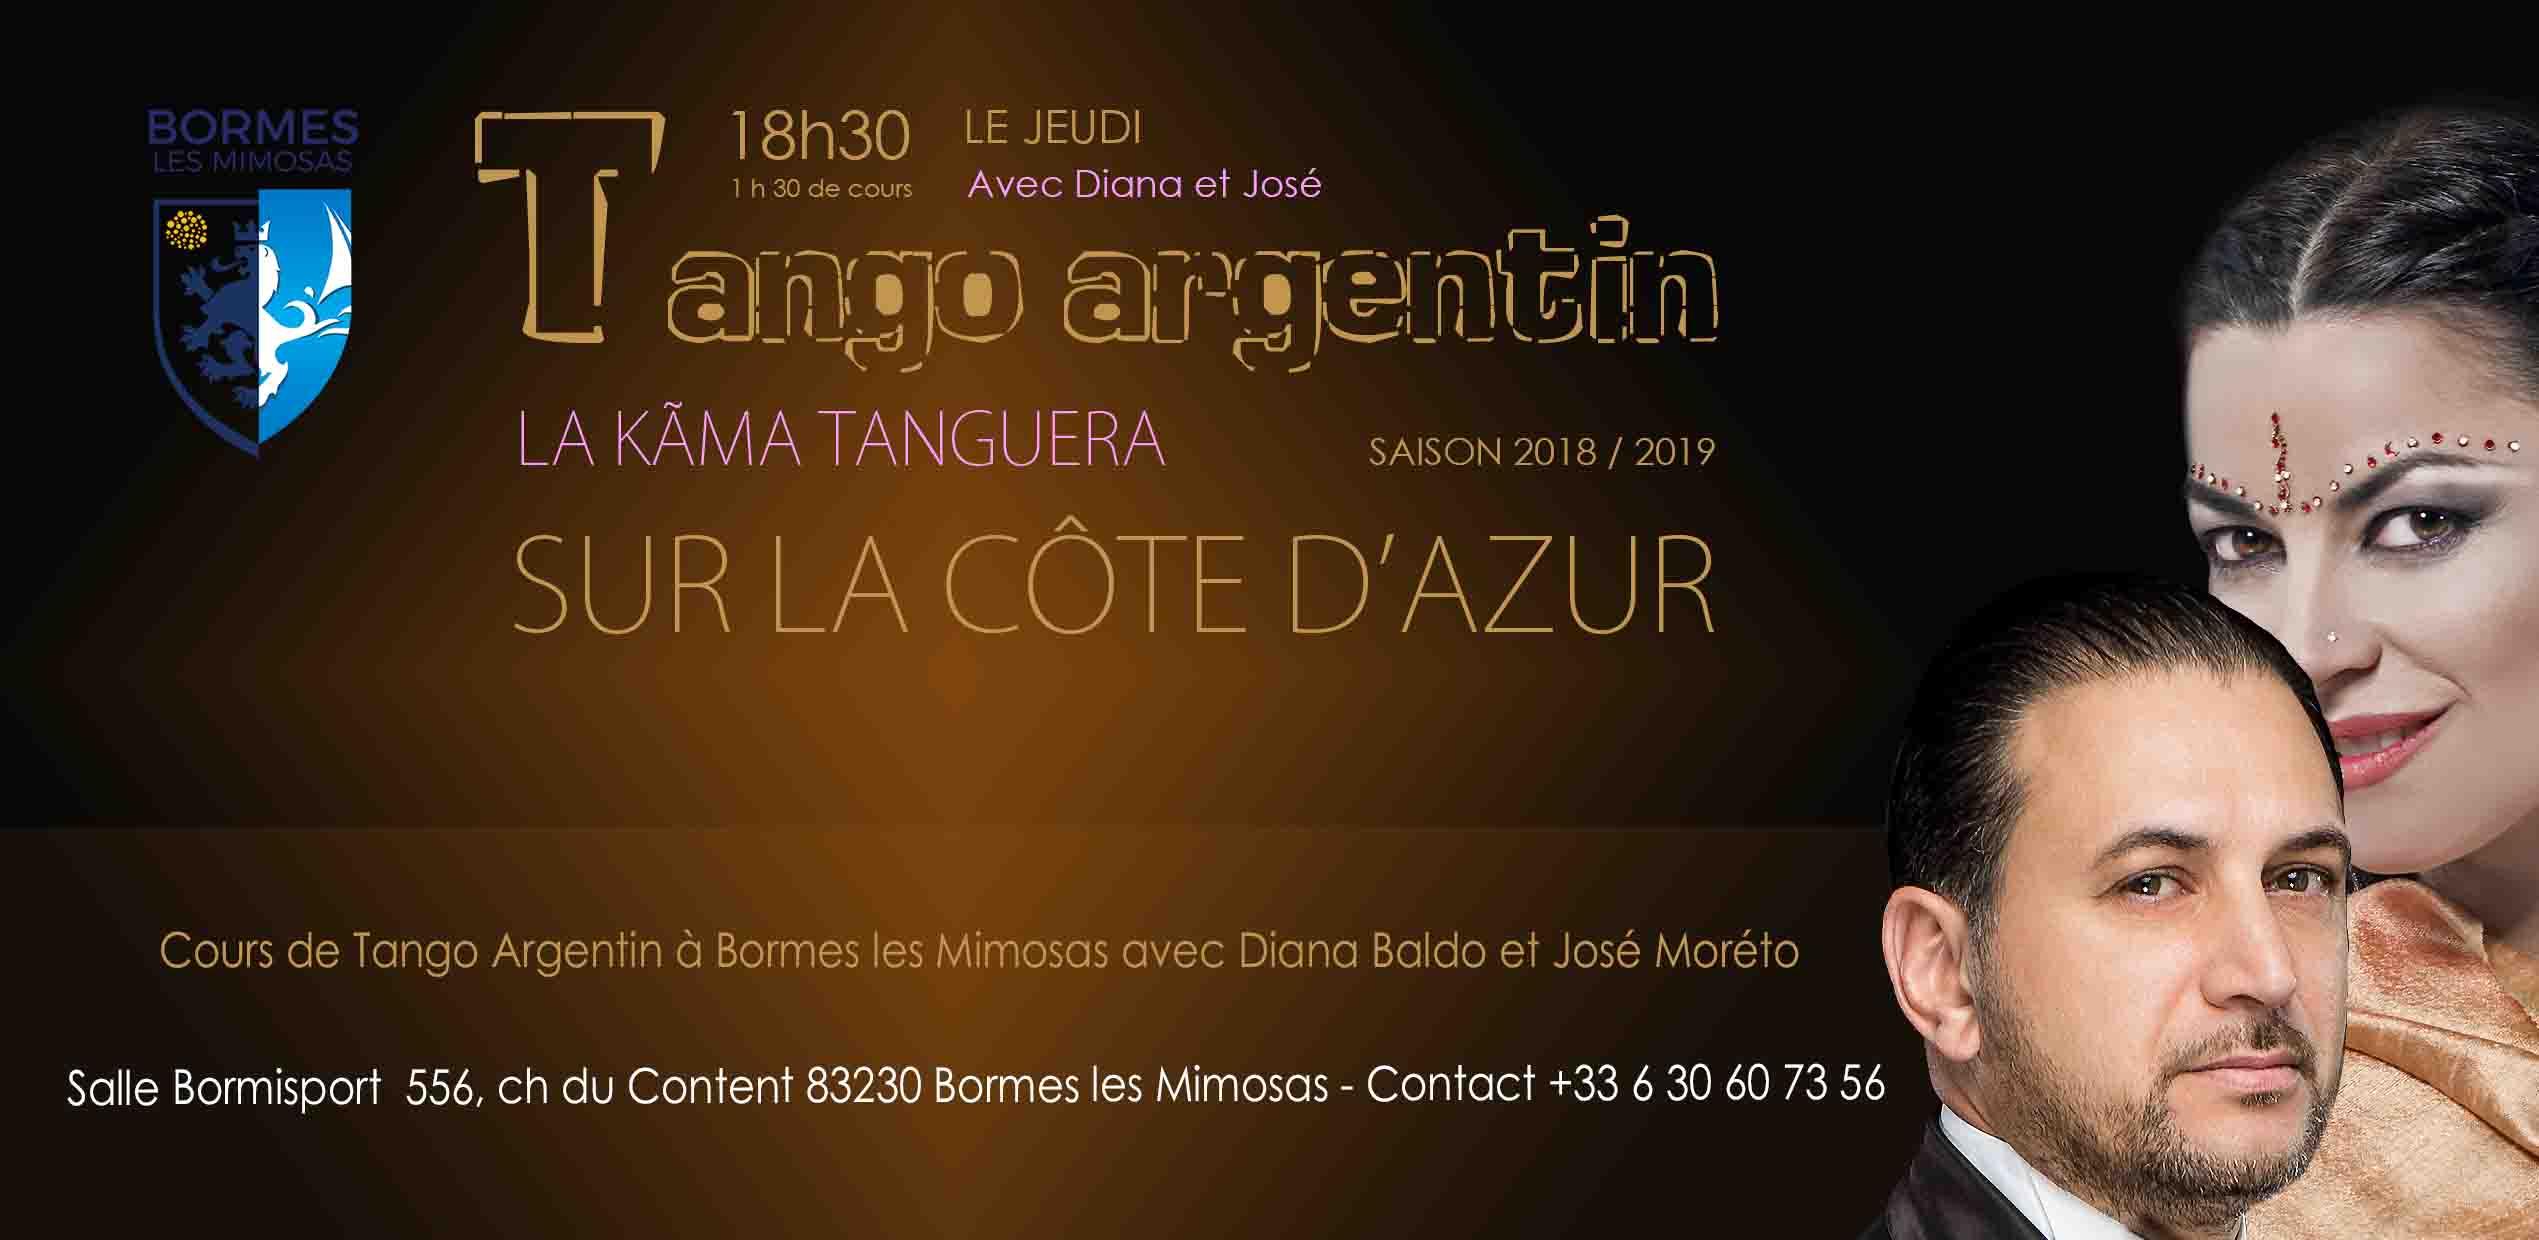 Cours de Tango Argentin à Bormes les Mimosas avec Diana Baldo et José Moréto